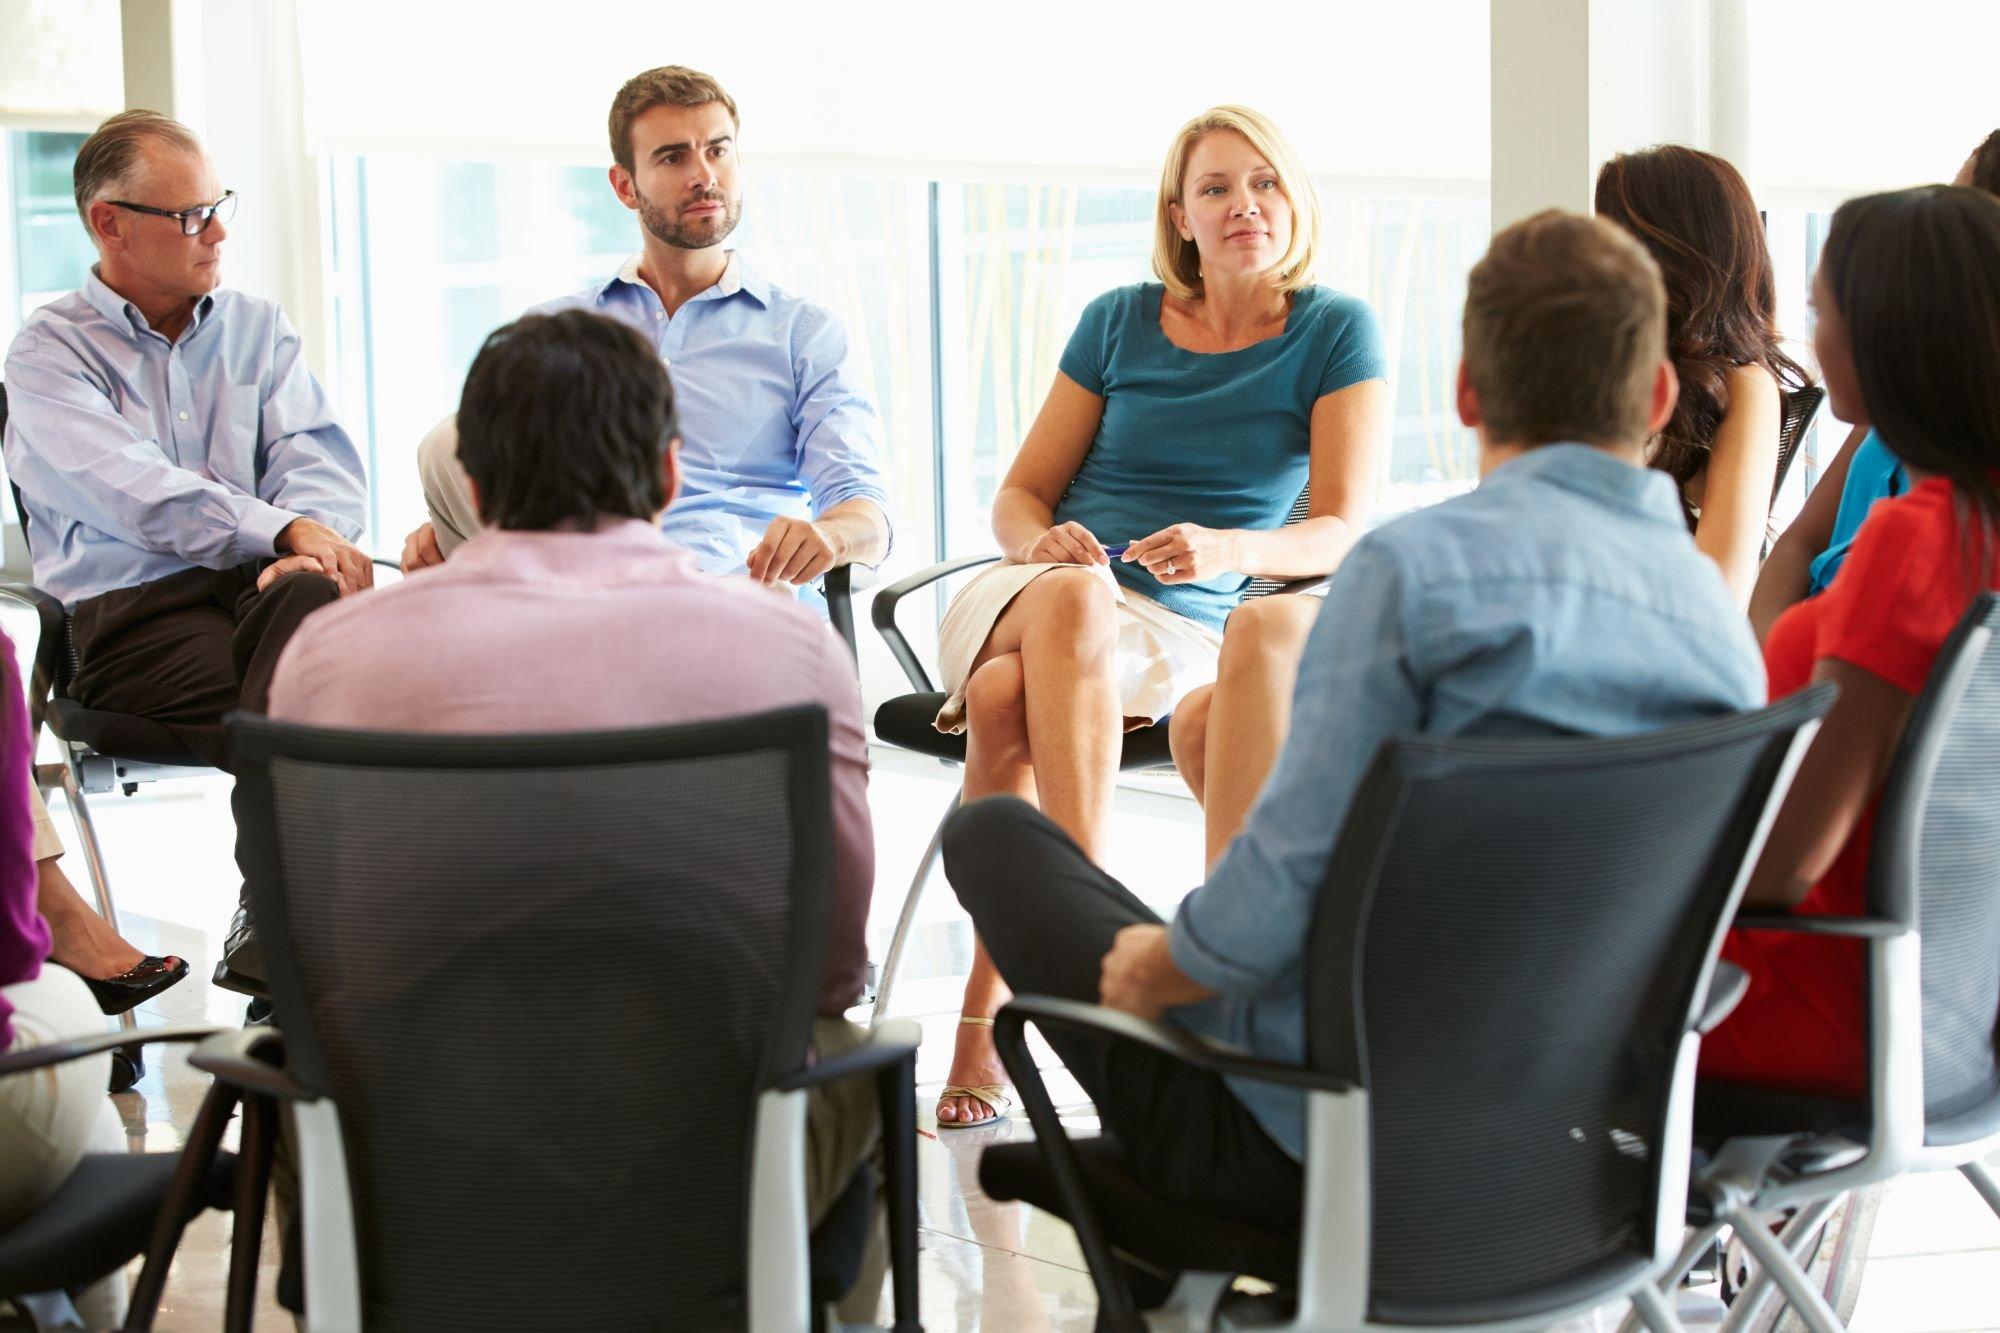 een groep mensen zit in een kring en hoort elkaar aan